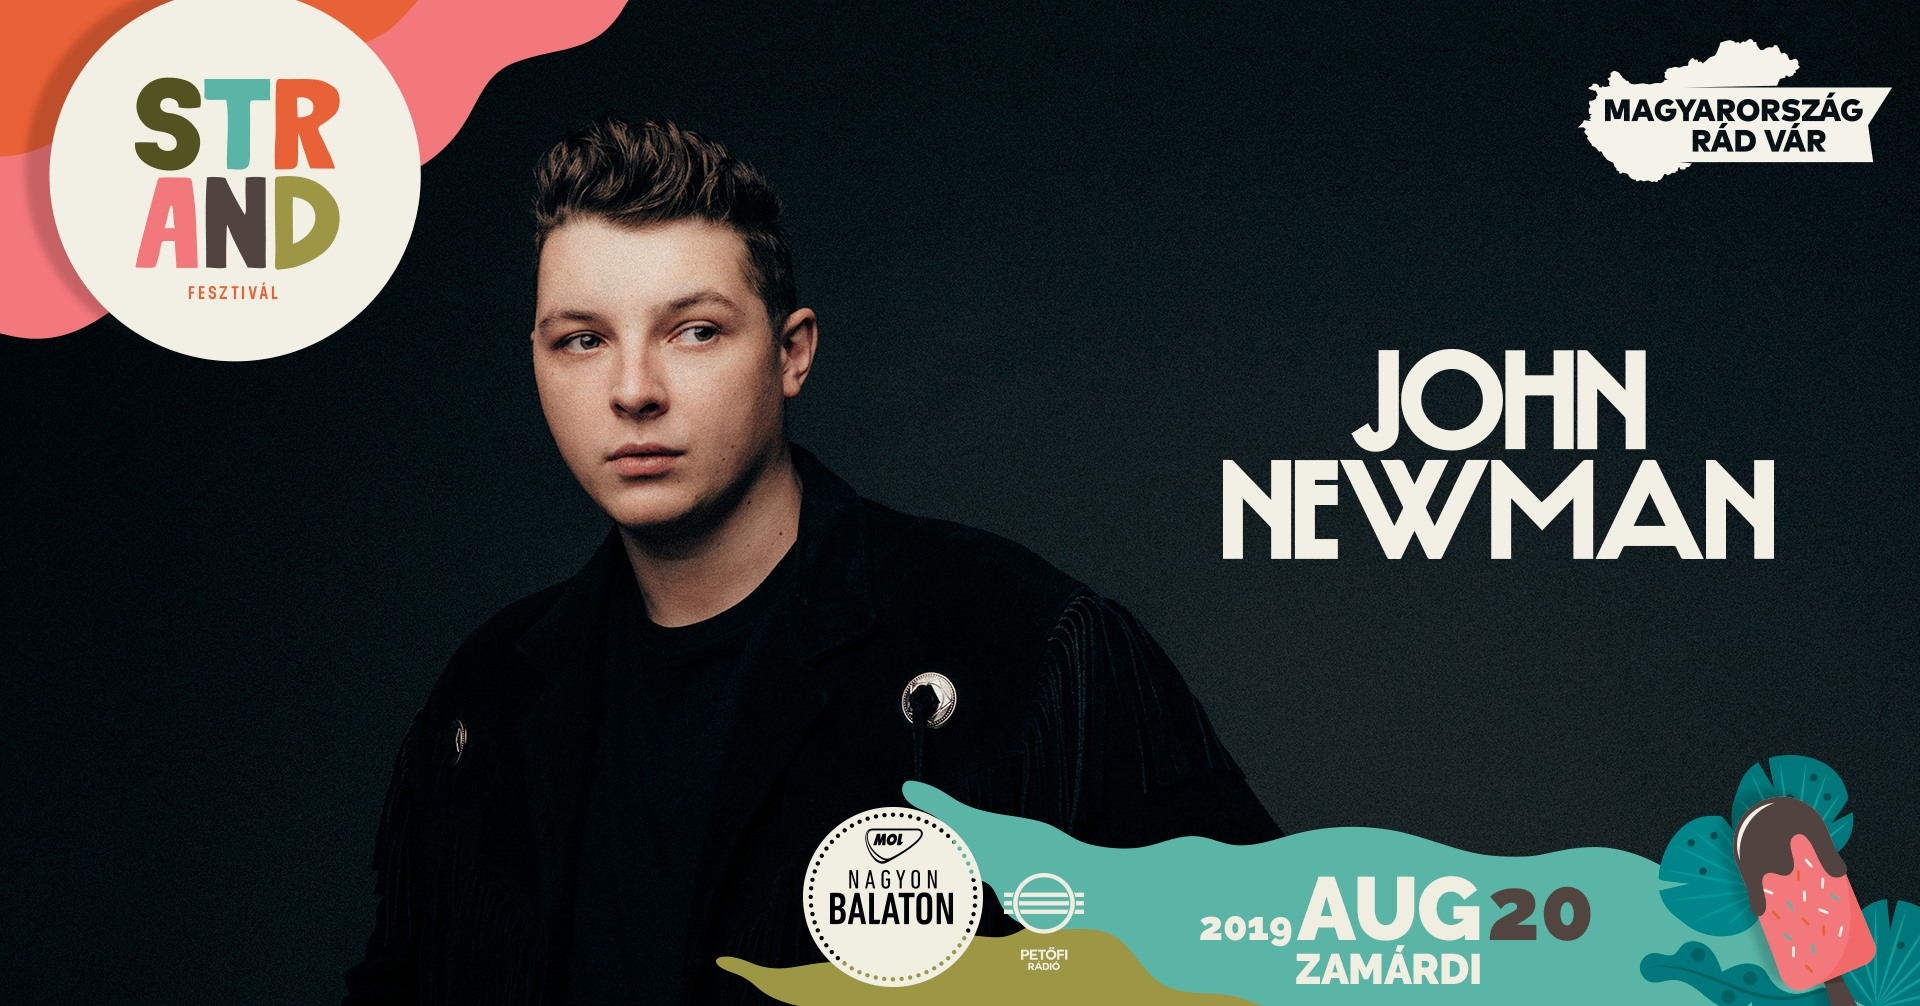 John Newman koncert 2019 - Strand Fesztivál